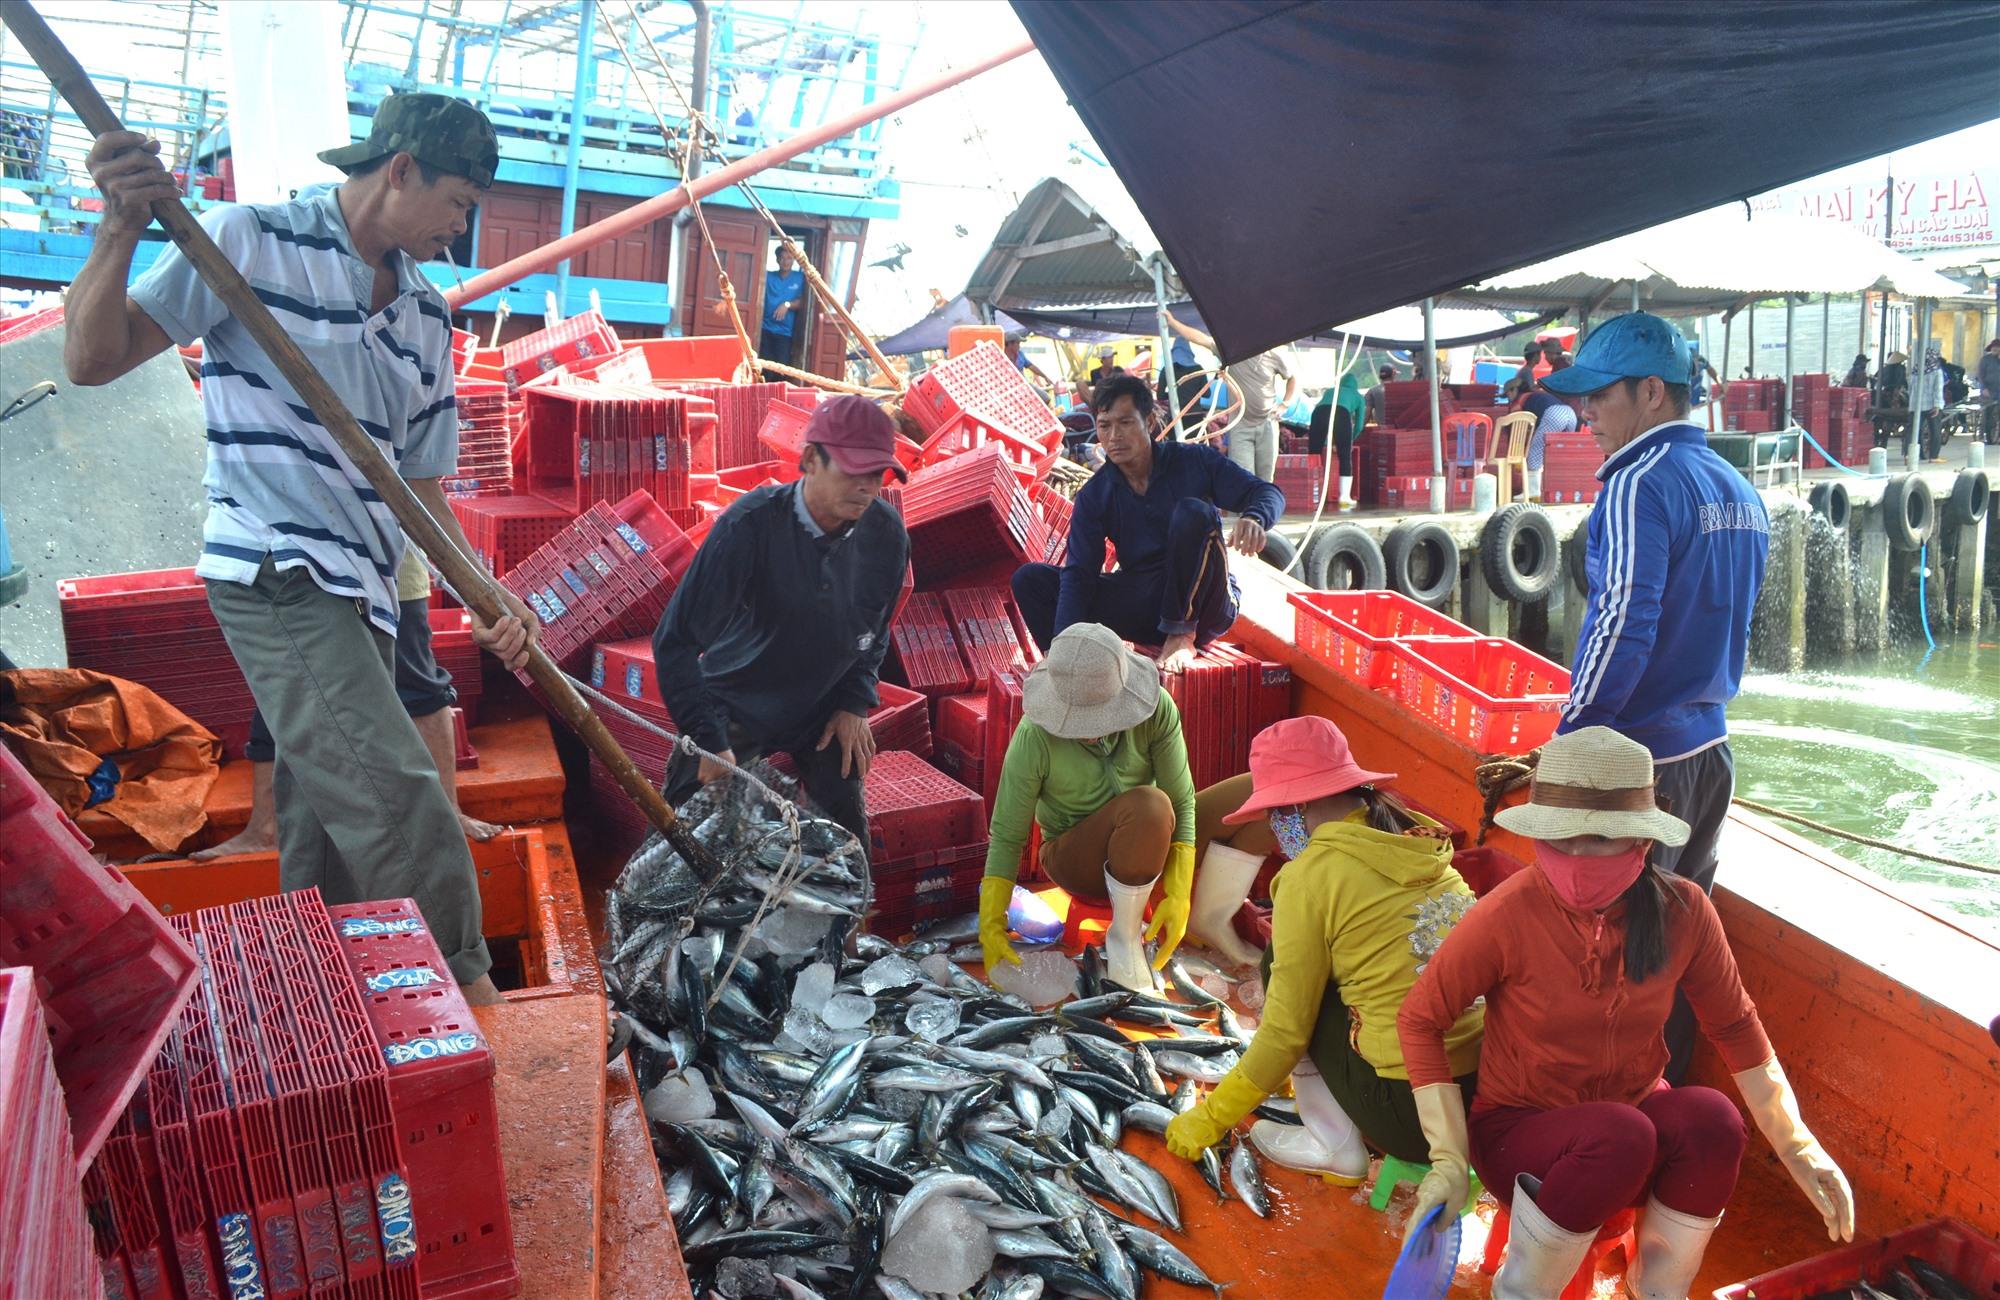 Ứng dụng công nghệ mới để bảo quản hải sản giúp ngư dân tăng giá trị kinh tế thu được ở mỗi chuyến biển. Ảnh: VIỆT NGUYỄN